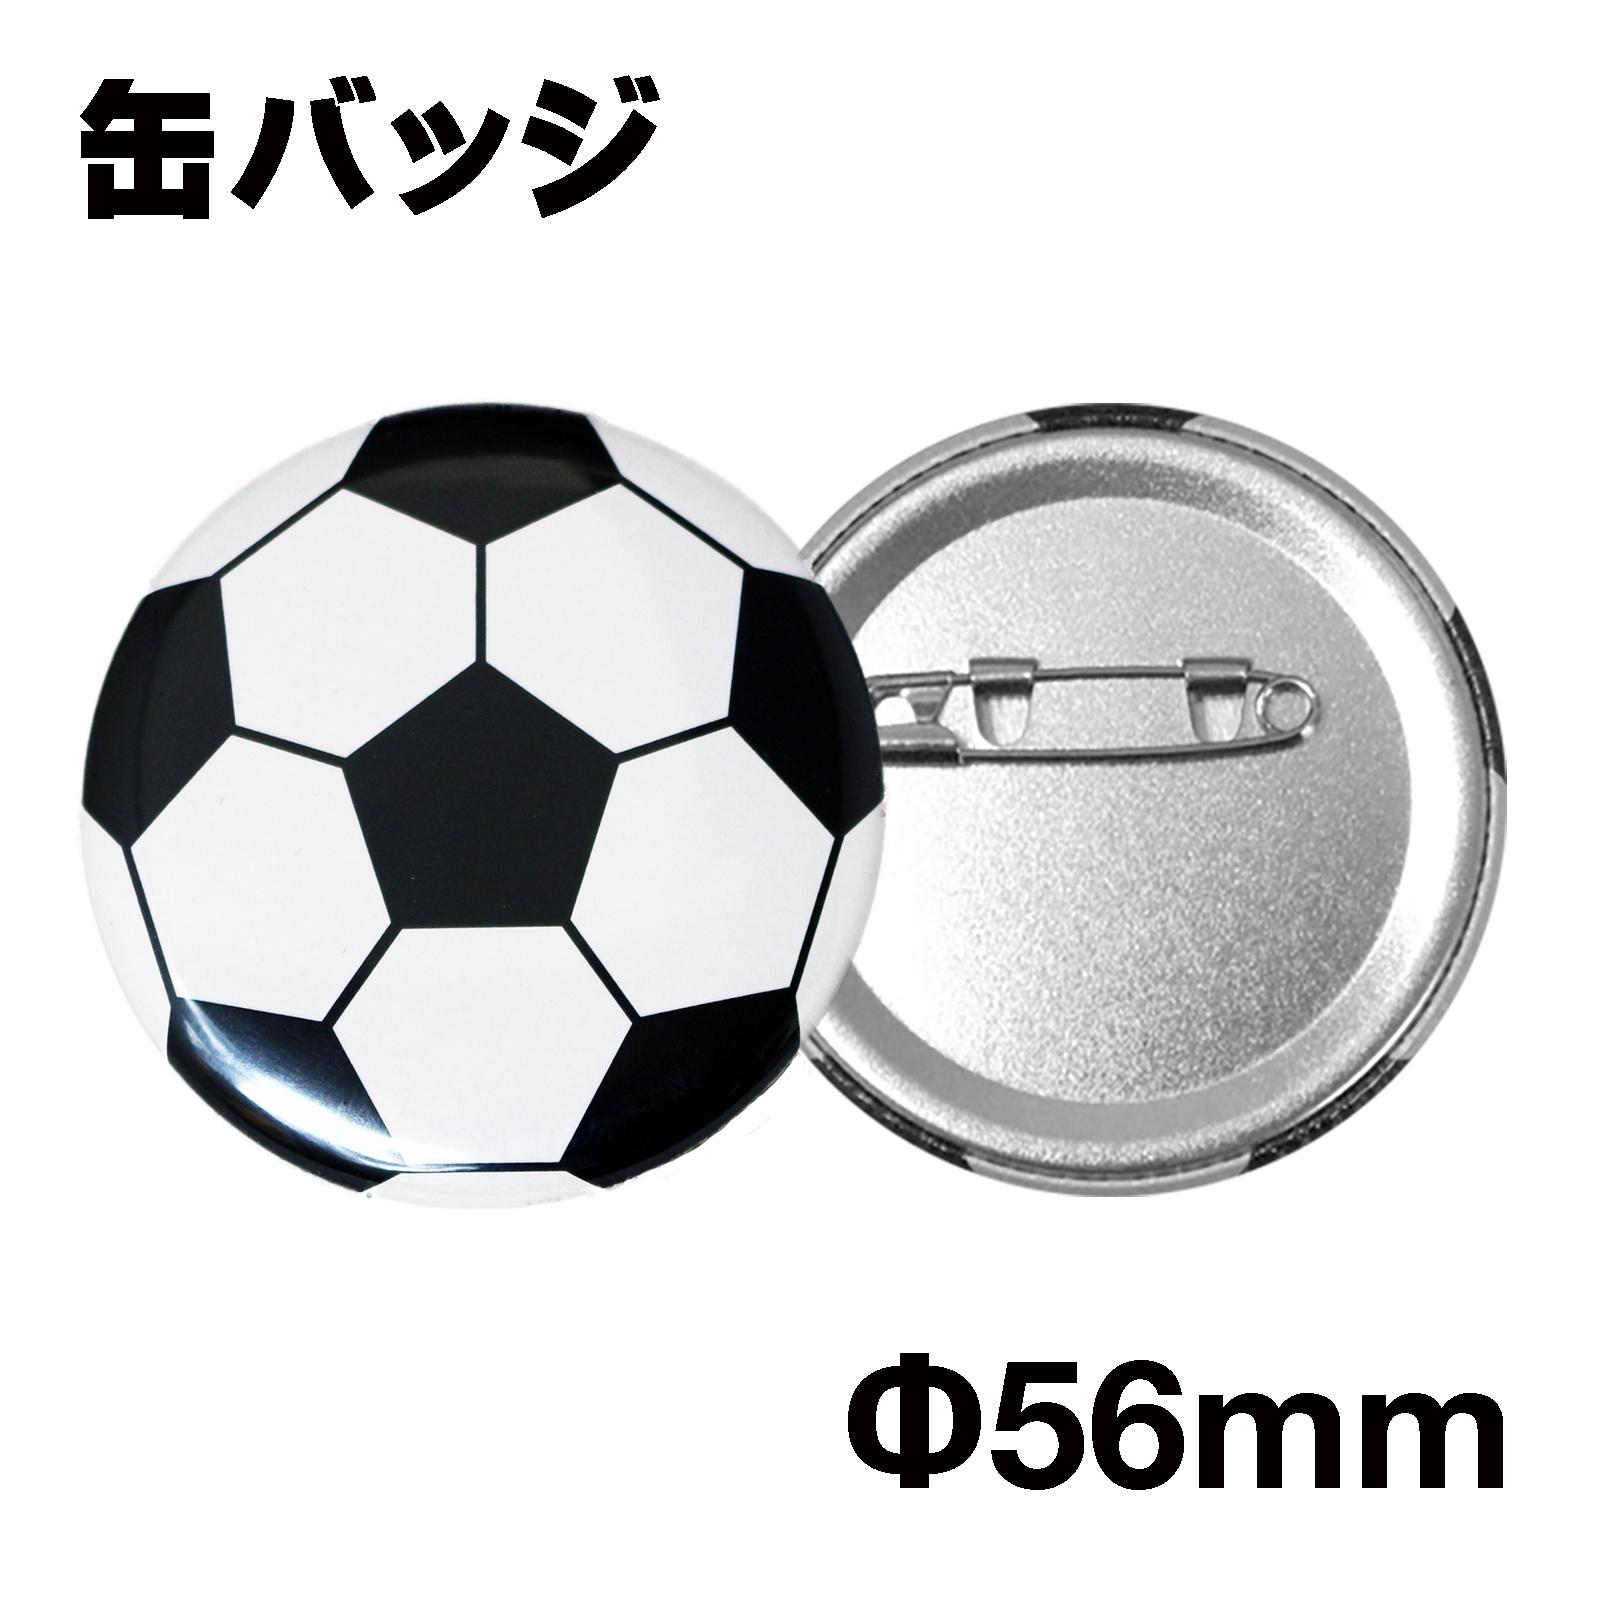 缶バッチ(サッカーボール柄) 仕様・サイズ